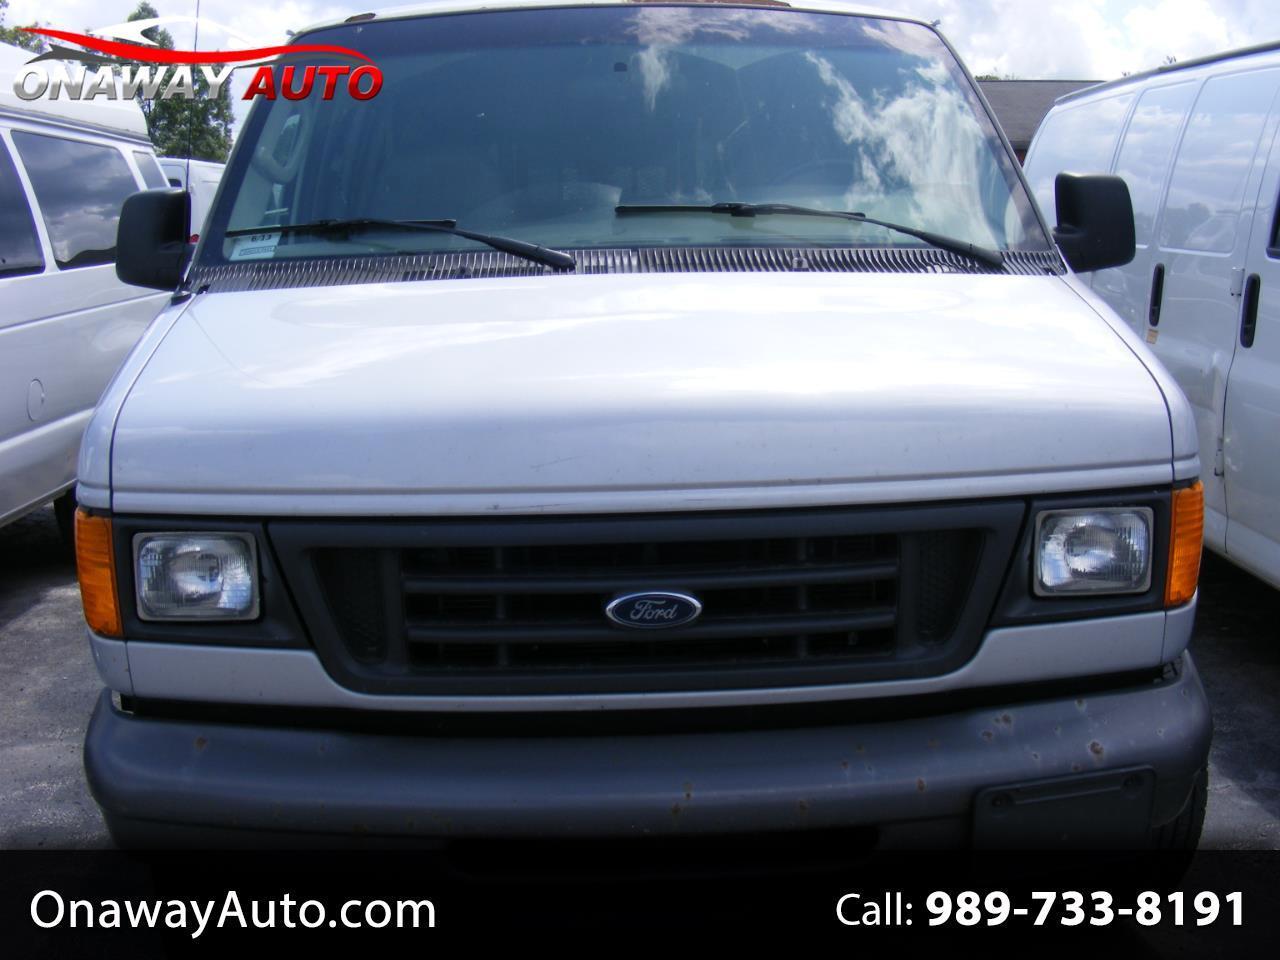 2007 Ford Econoline Wagon E-350 Super Ext XL